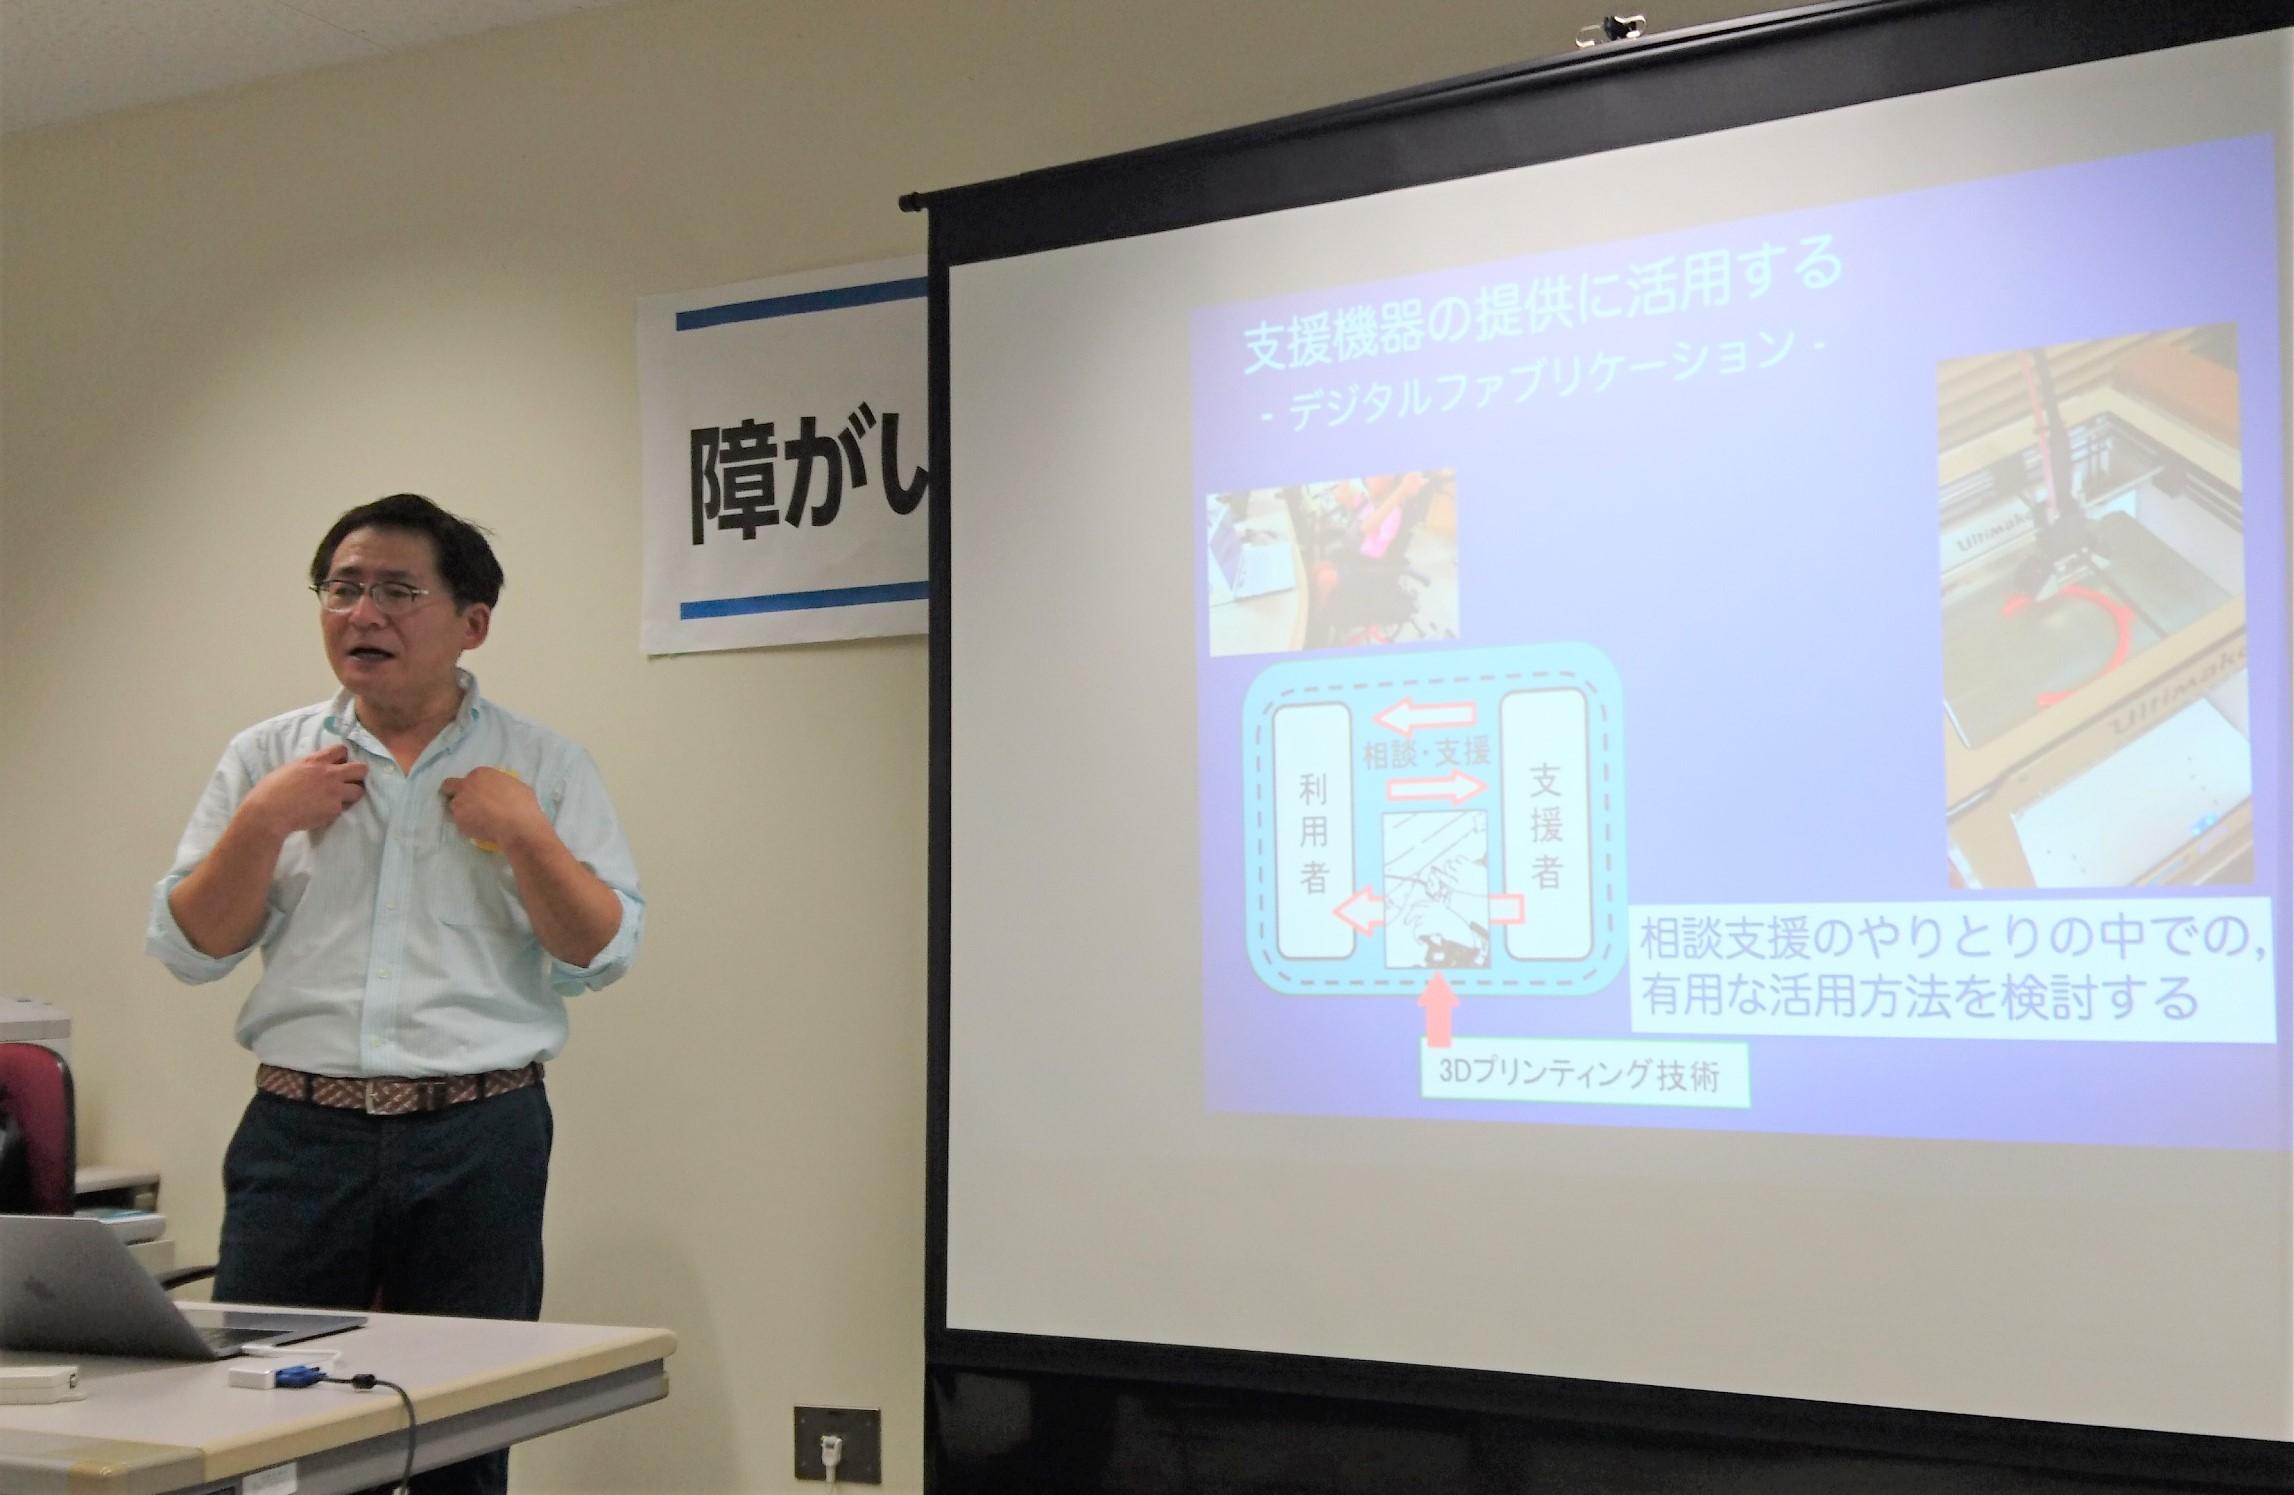 障がい者ICT活用支援講座 渡辺崇史講師の講義風景